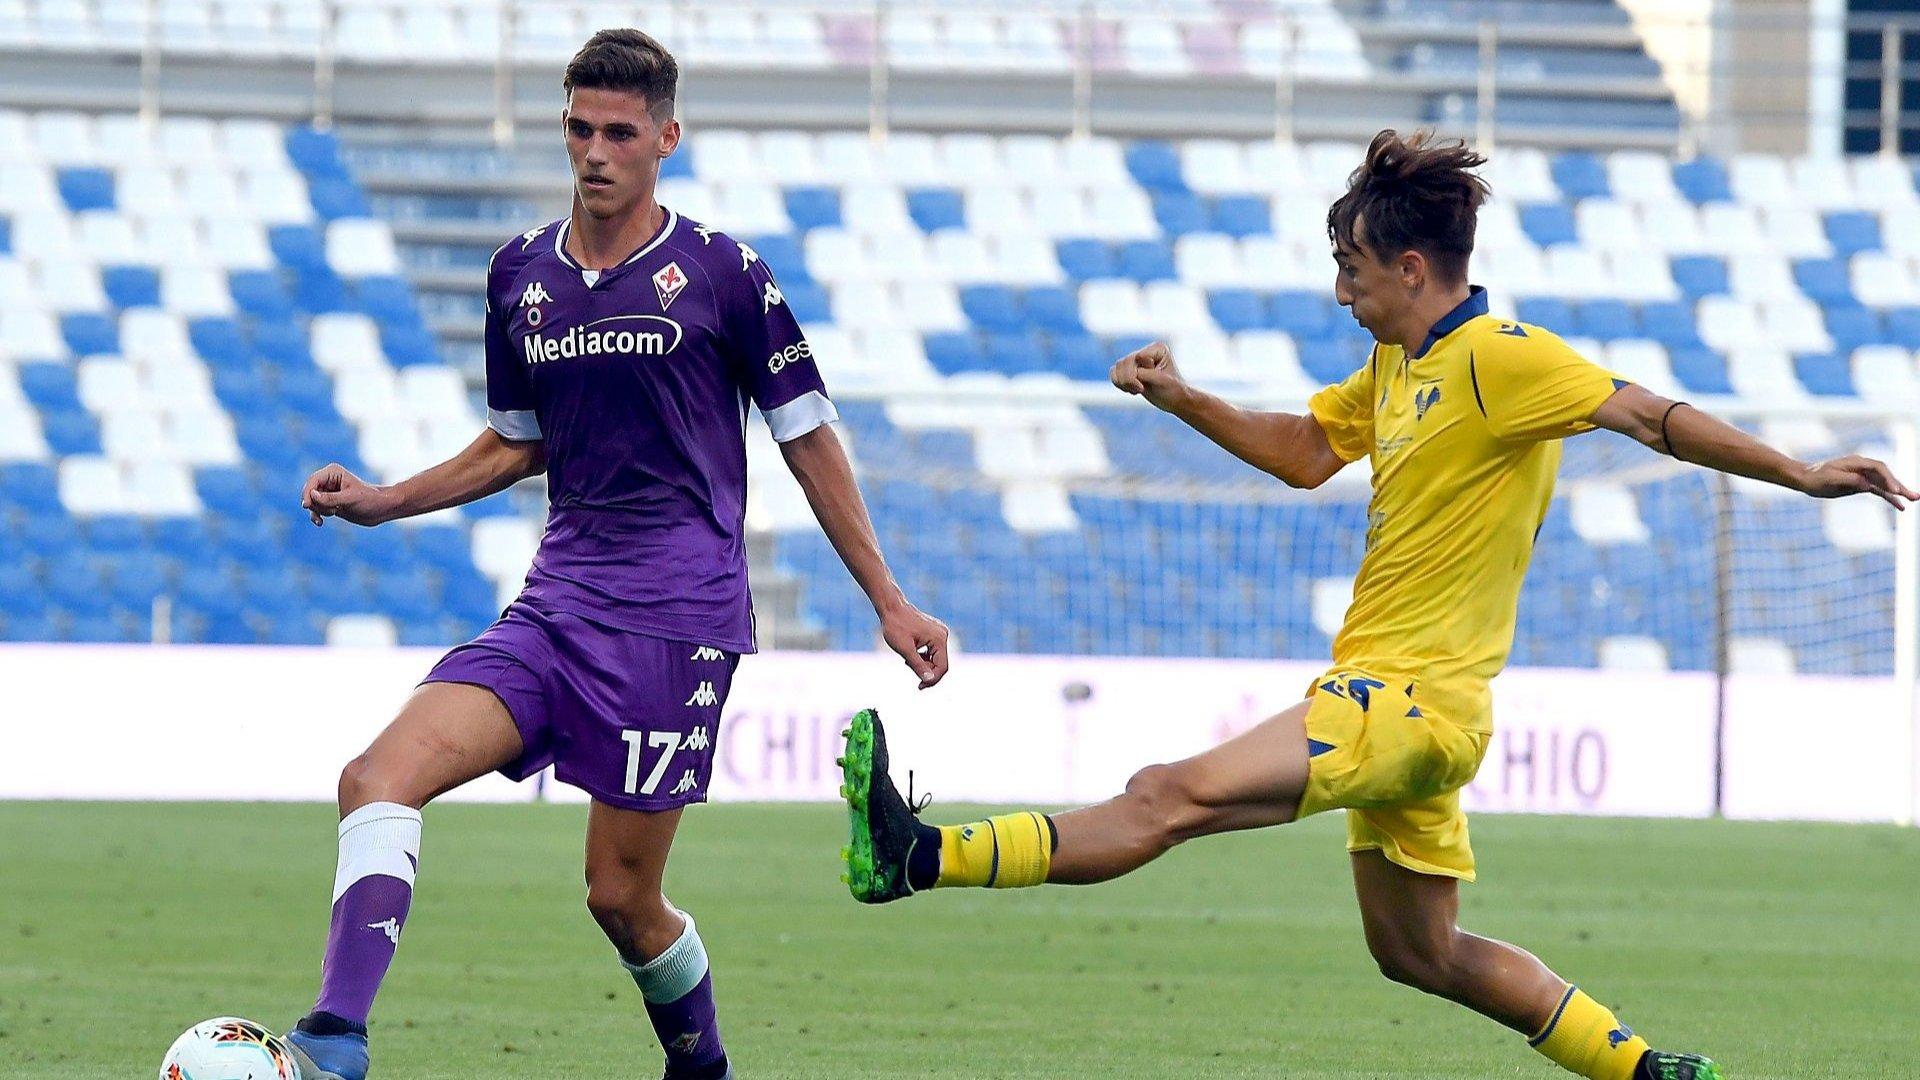 Българин попадна в класация на най-големите таланти на световния футбол